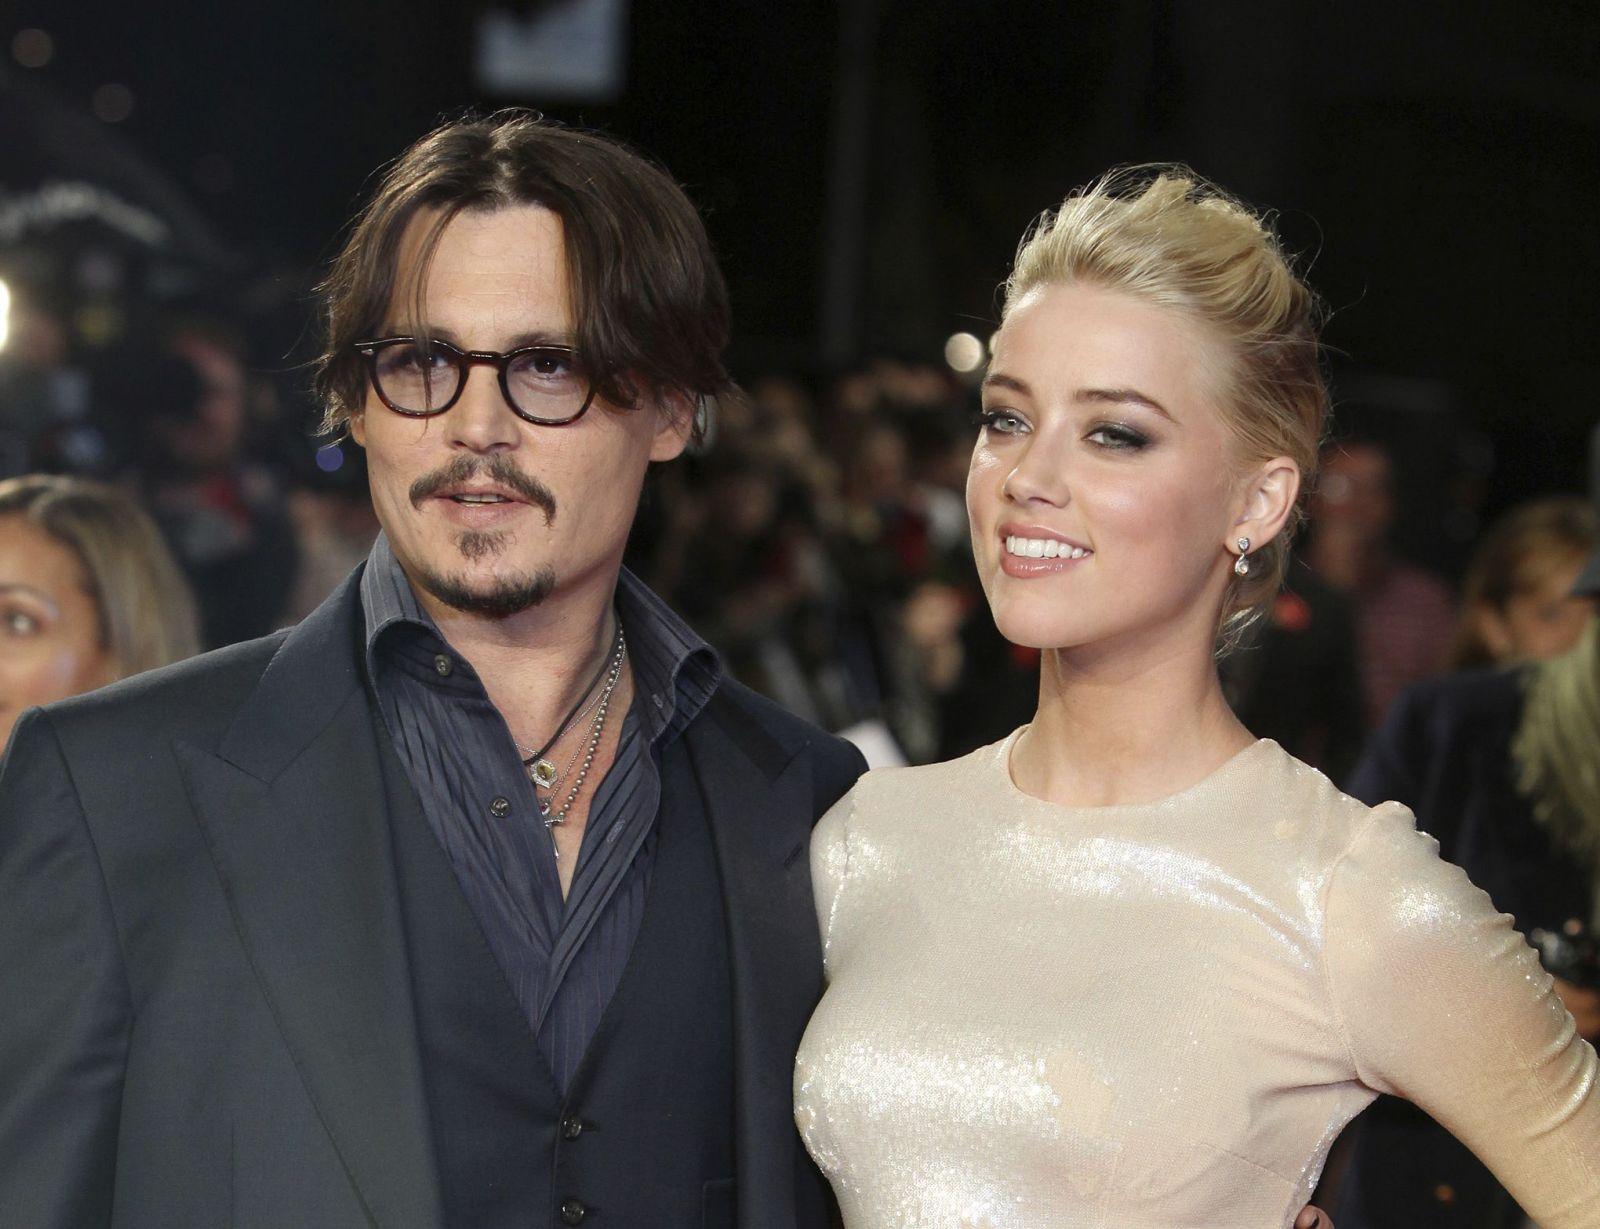 Už 1 milión fanúšikov požaduje, aby Amber Heard vyškrtli z Aquamana 2 na protest proti rozhodnutiu o Johnnym Deppovi